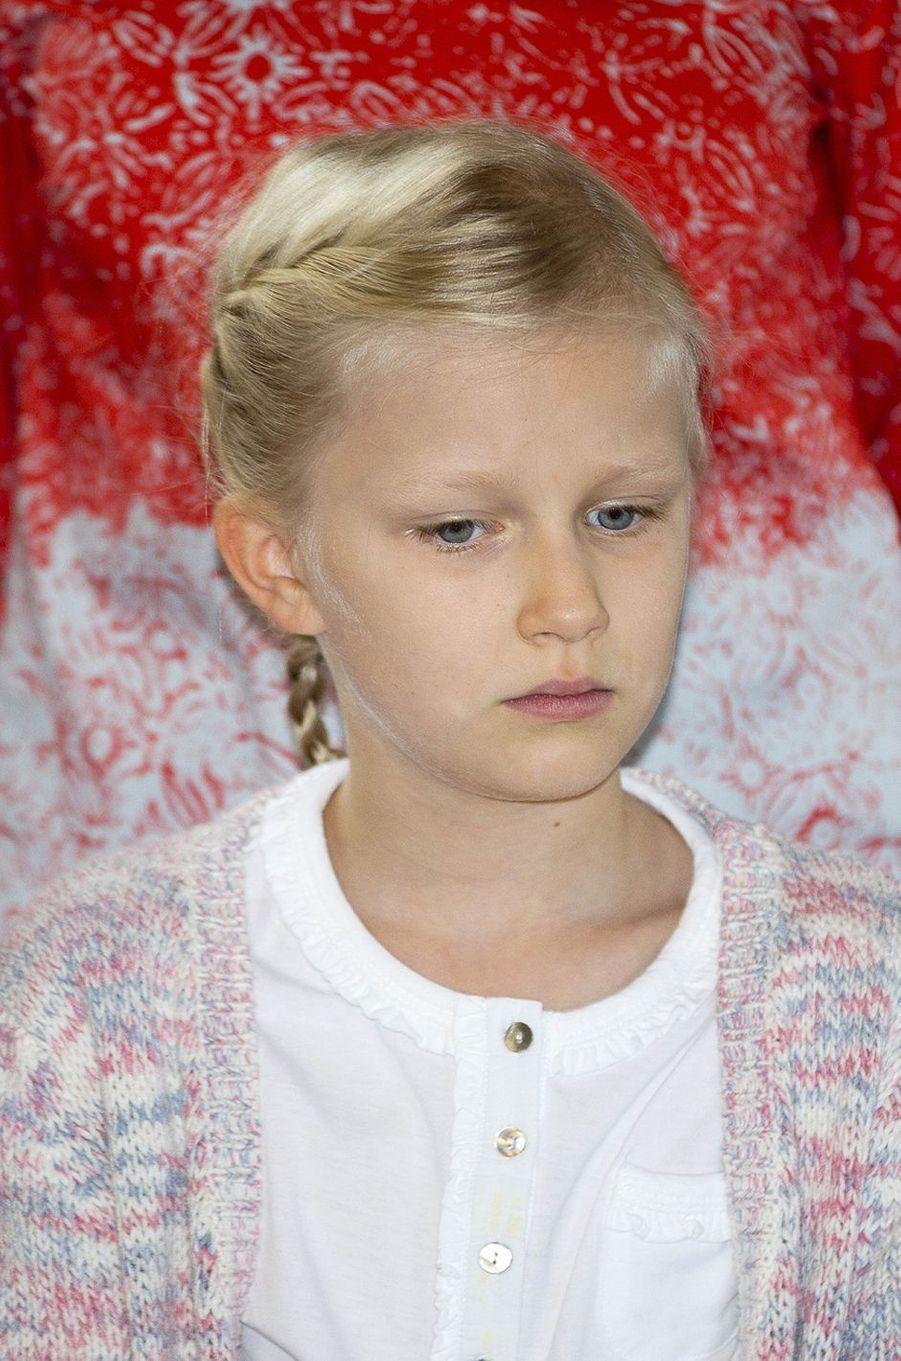 La princesse Eléonore de Belgique à Bruxelles, le 18 septembre 2016